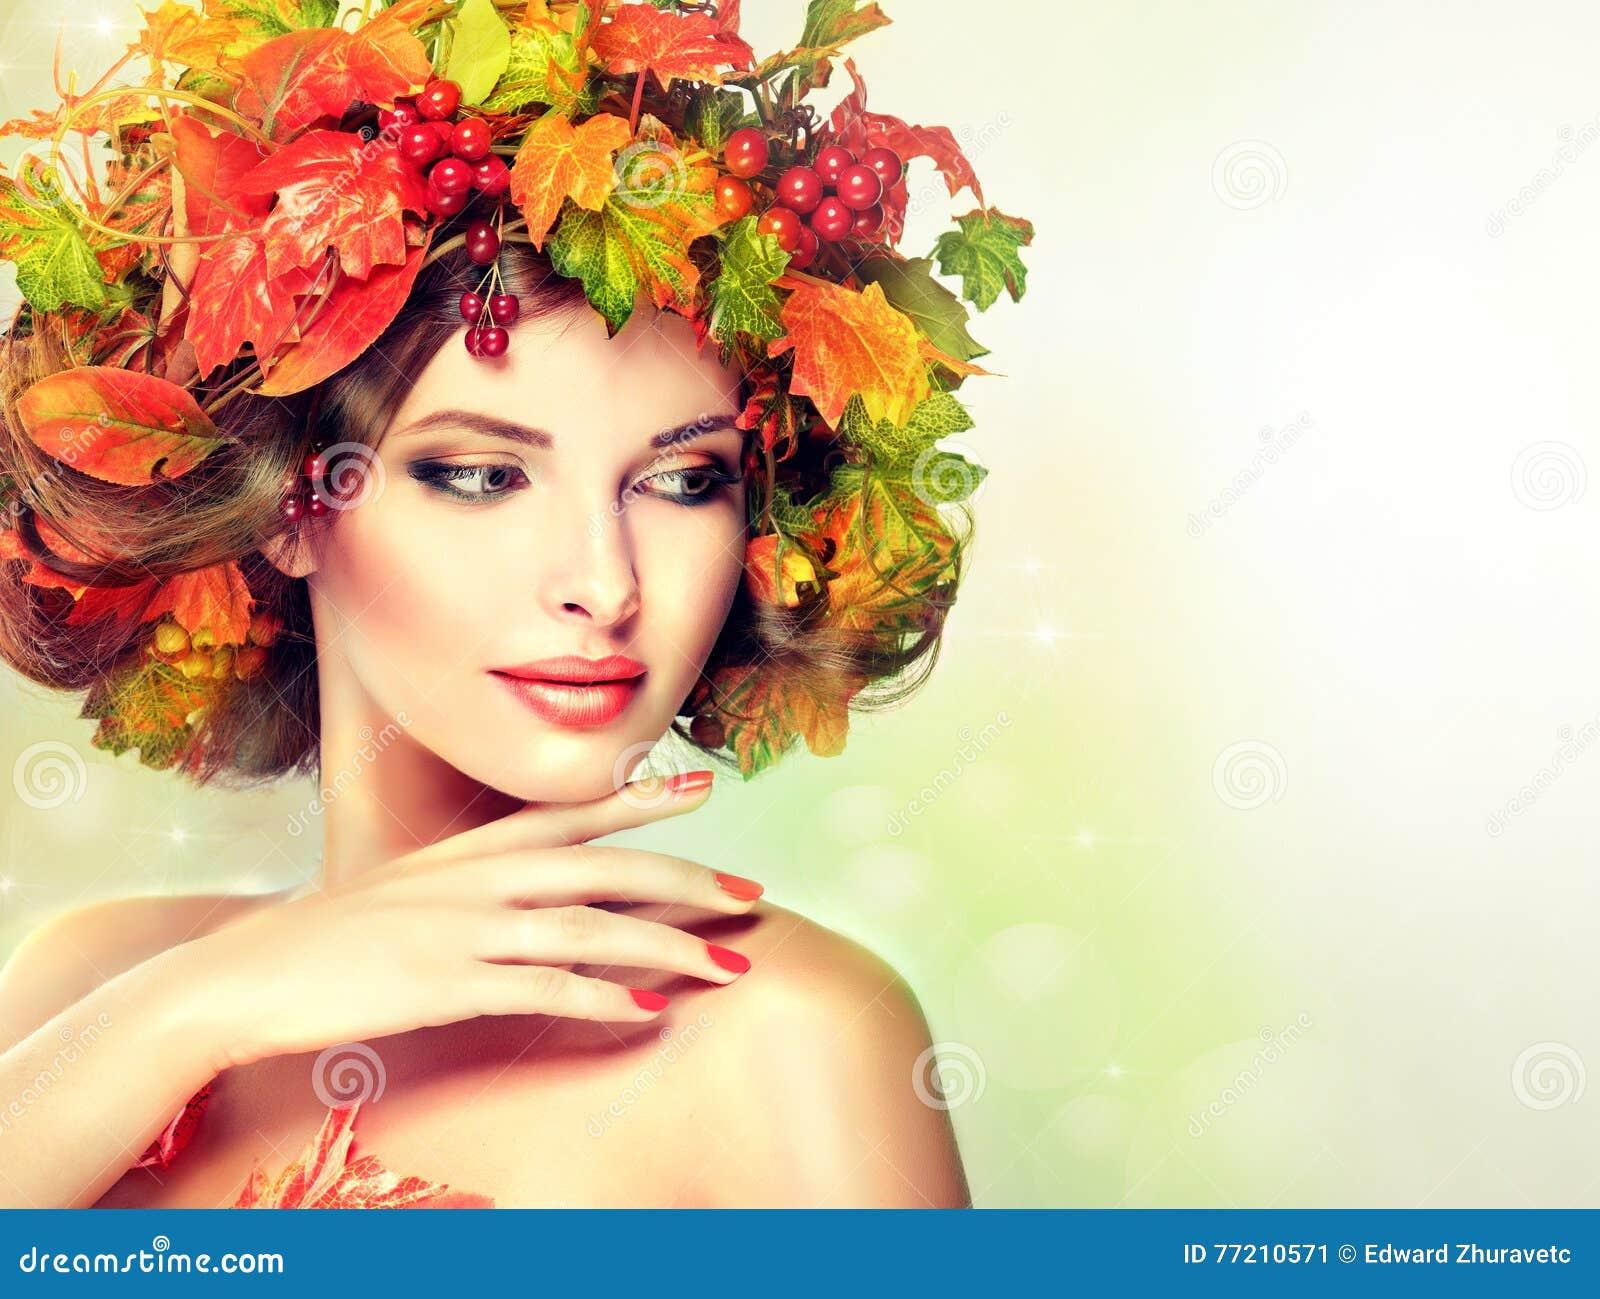 Jesień styl, jaskrawy makeup, czerwony manicure i pomadka,